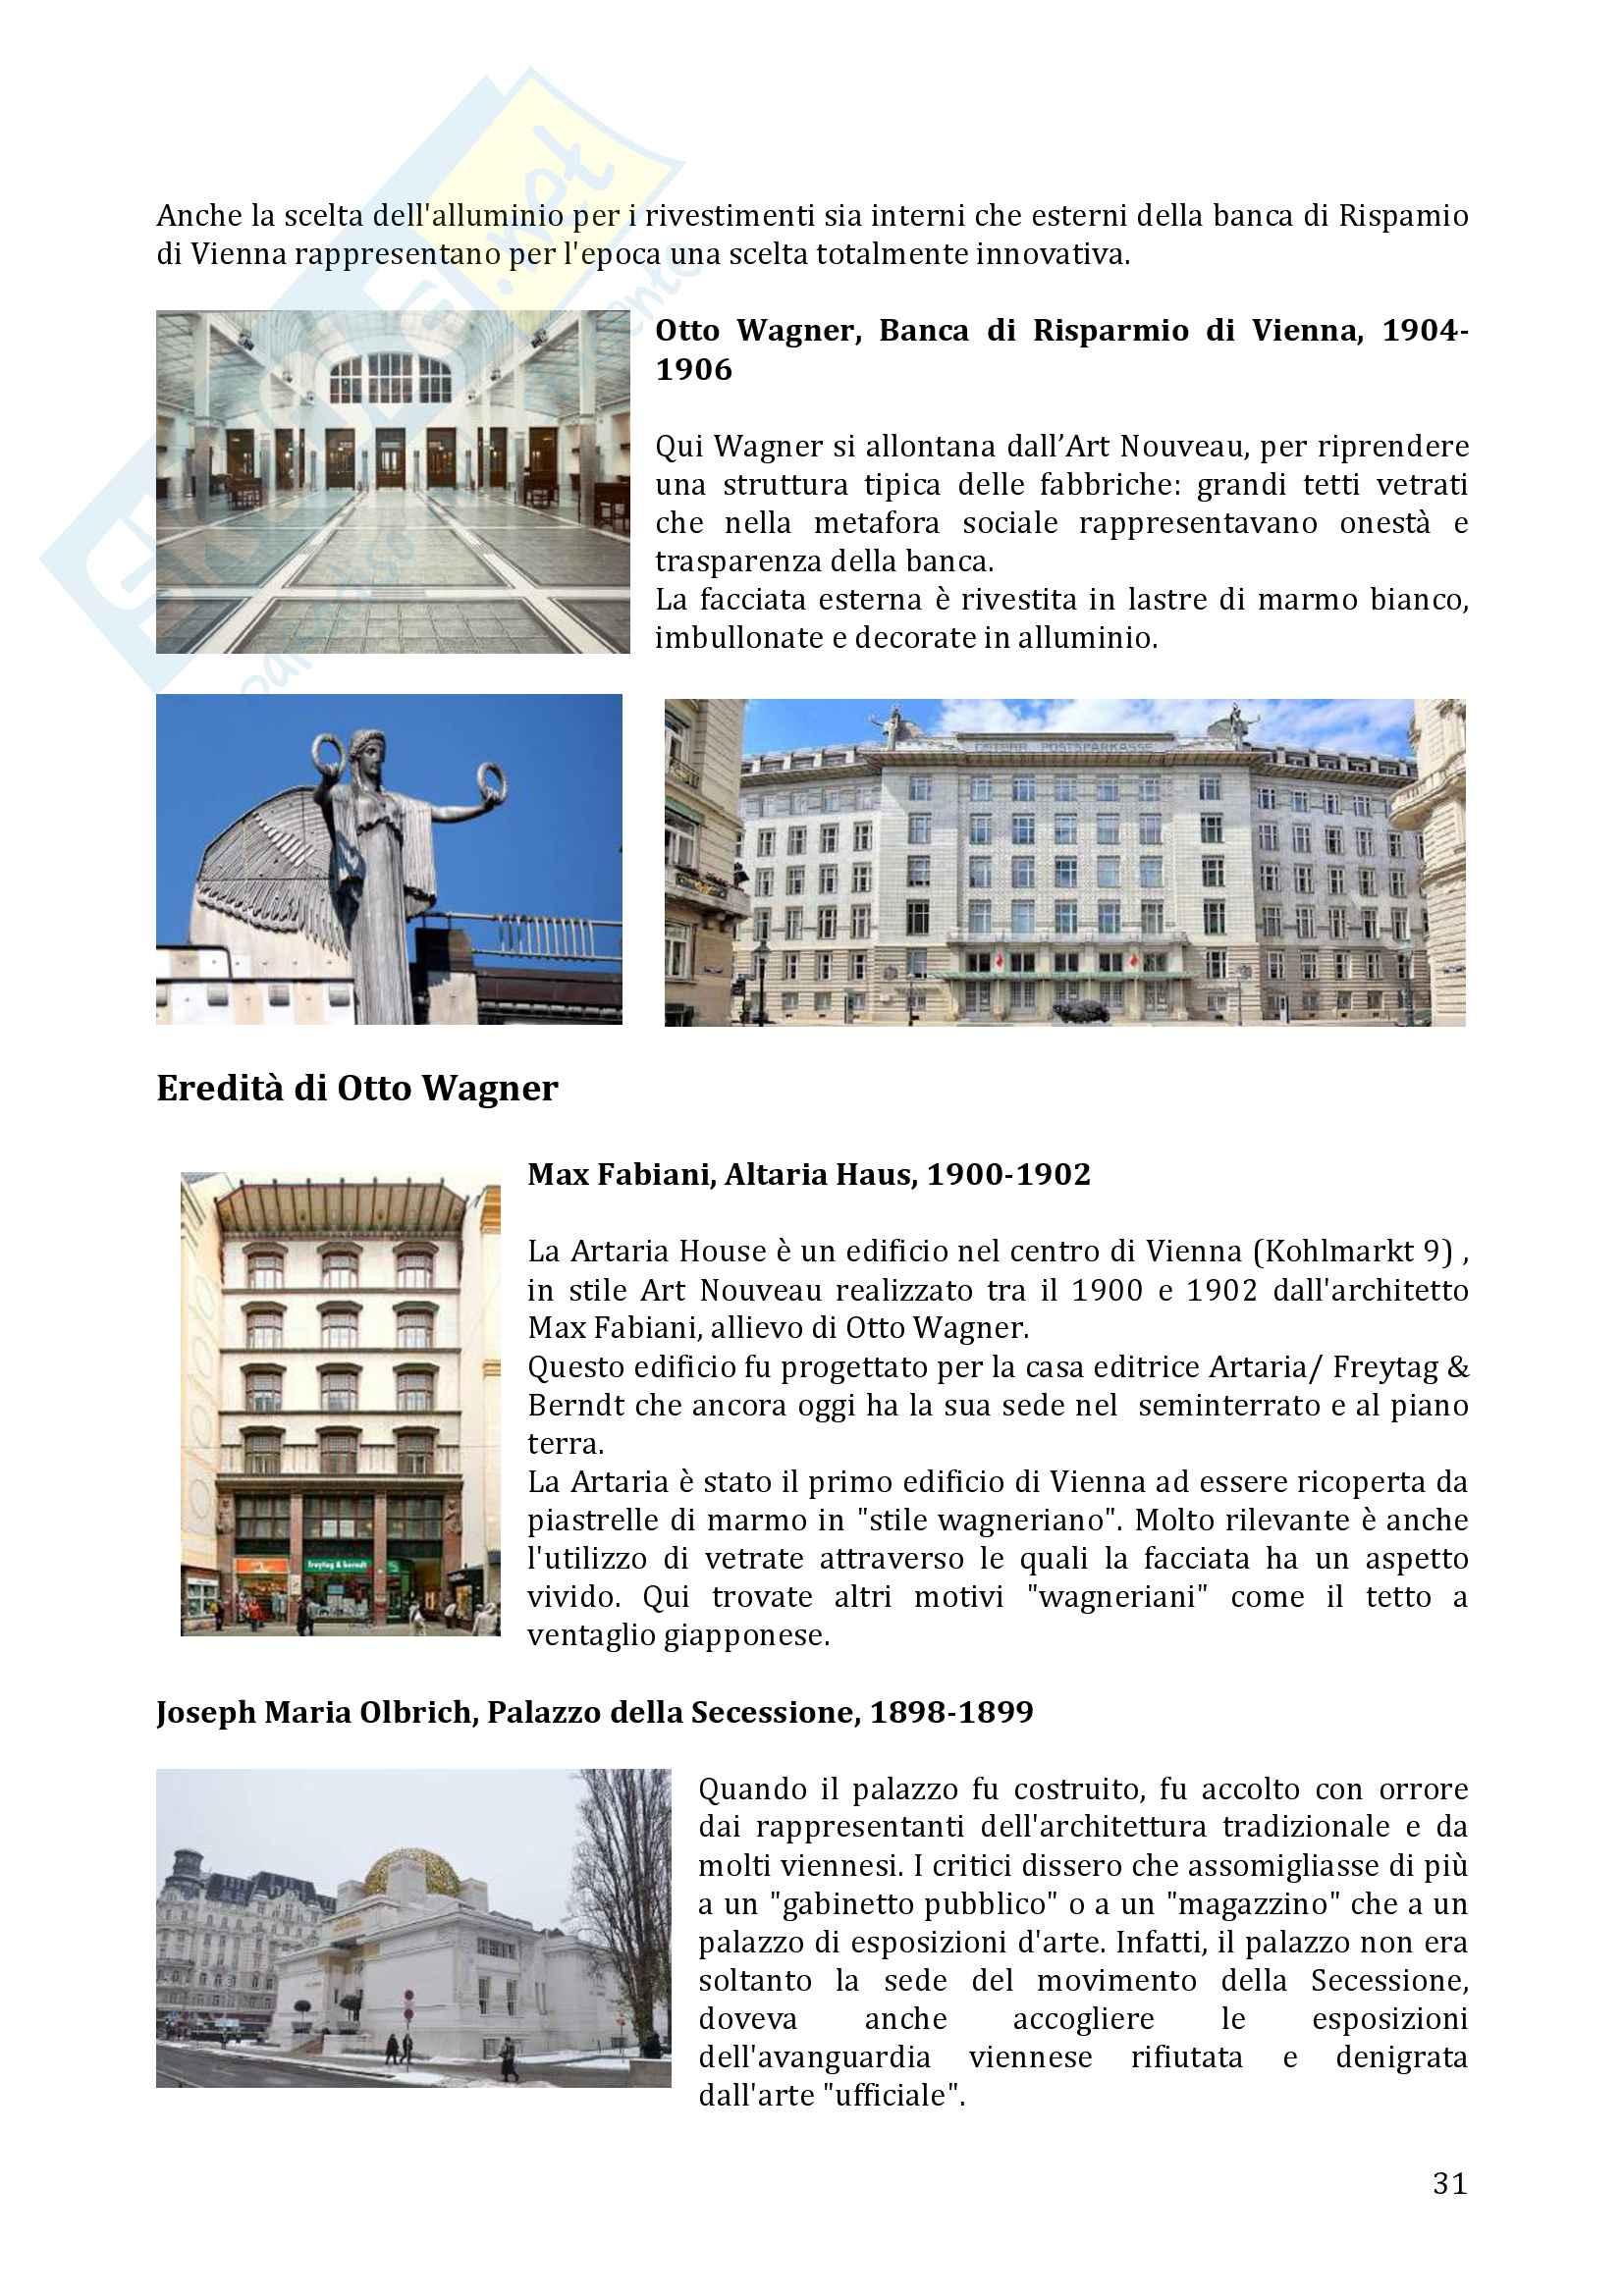 De Magistris, Esame di Storia dell'Architettura 2 Pag. 31